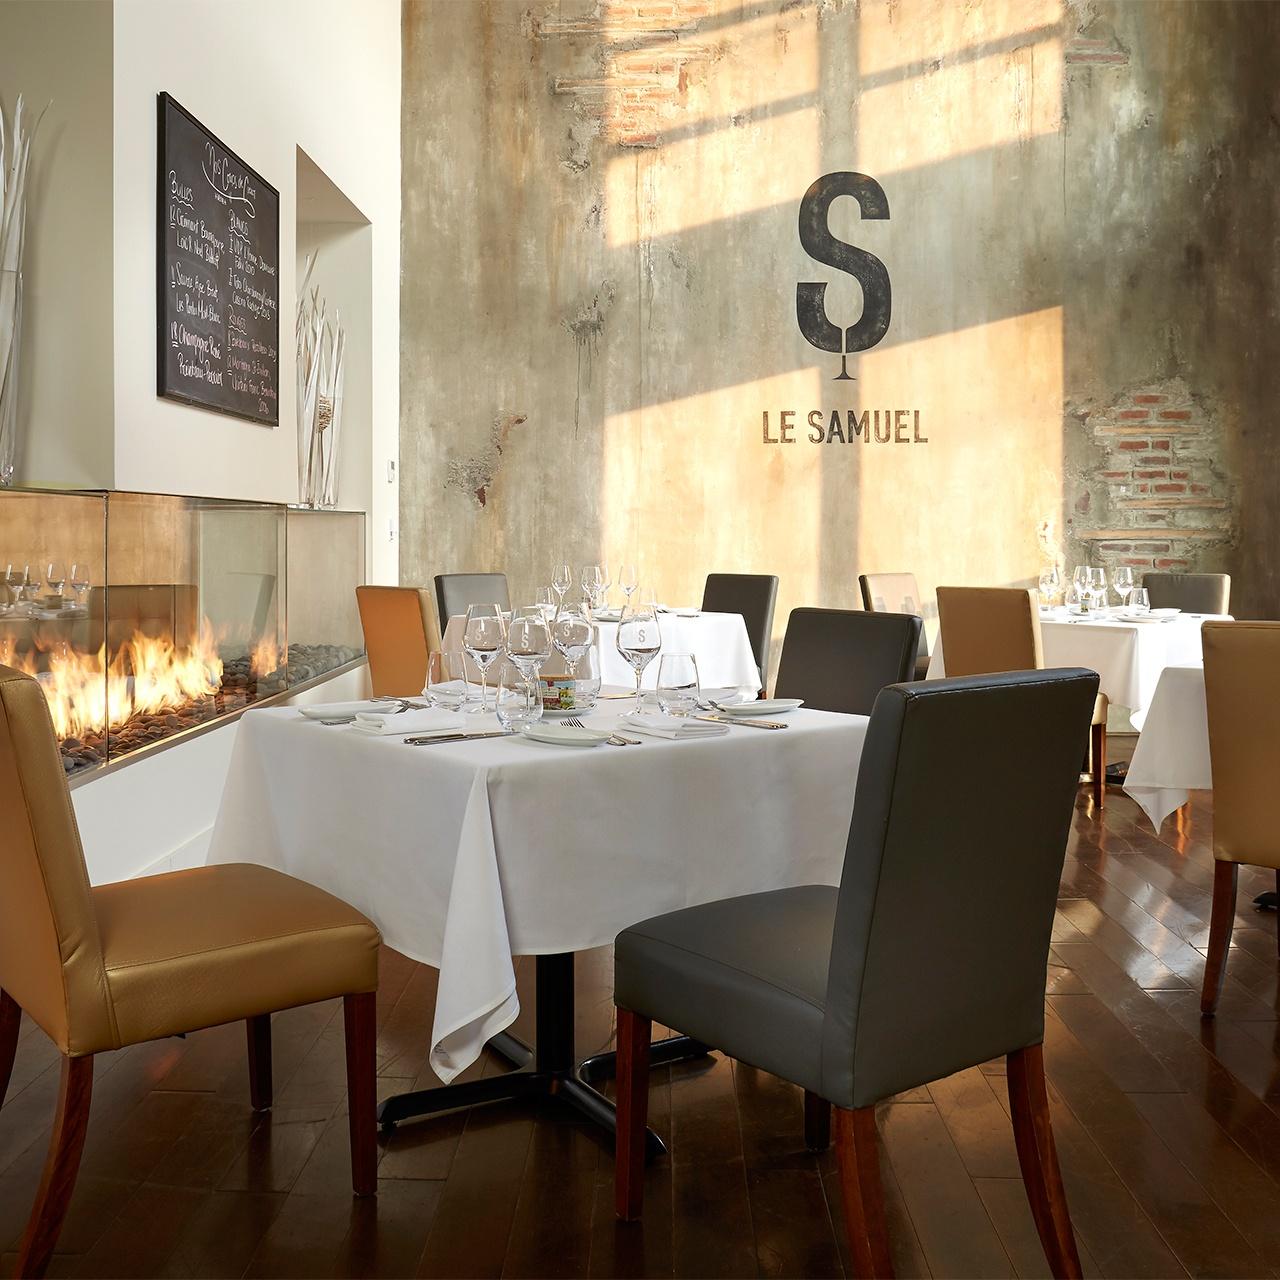 Le Samuel Restaurant